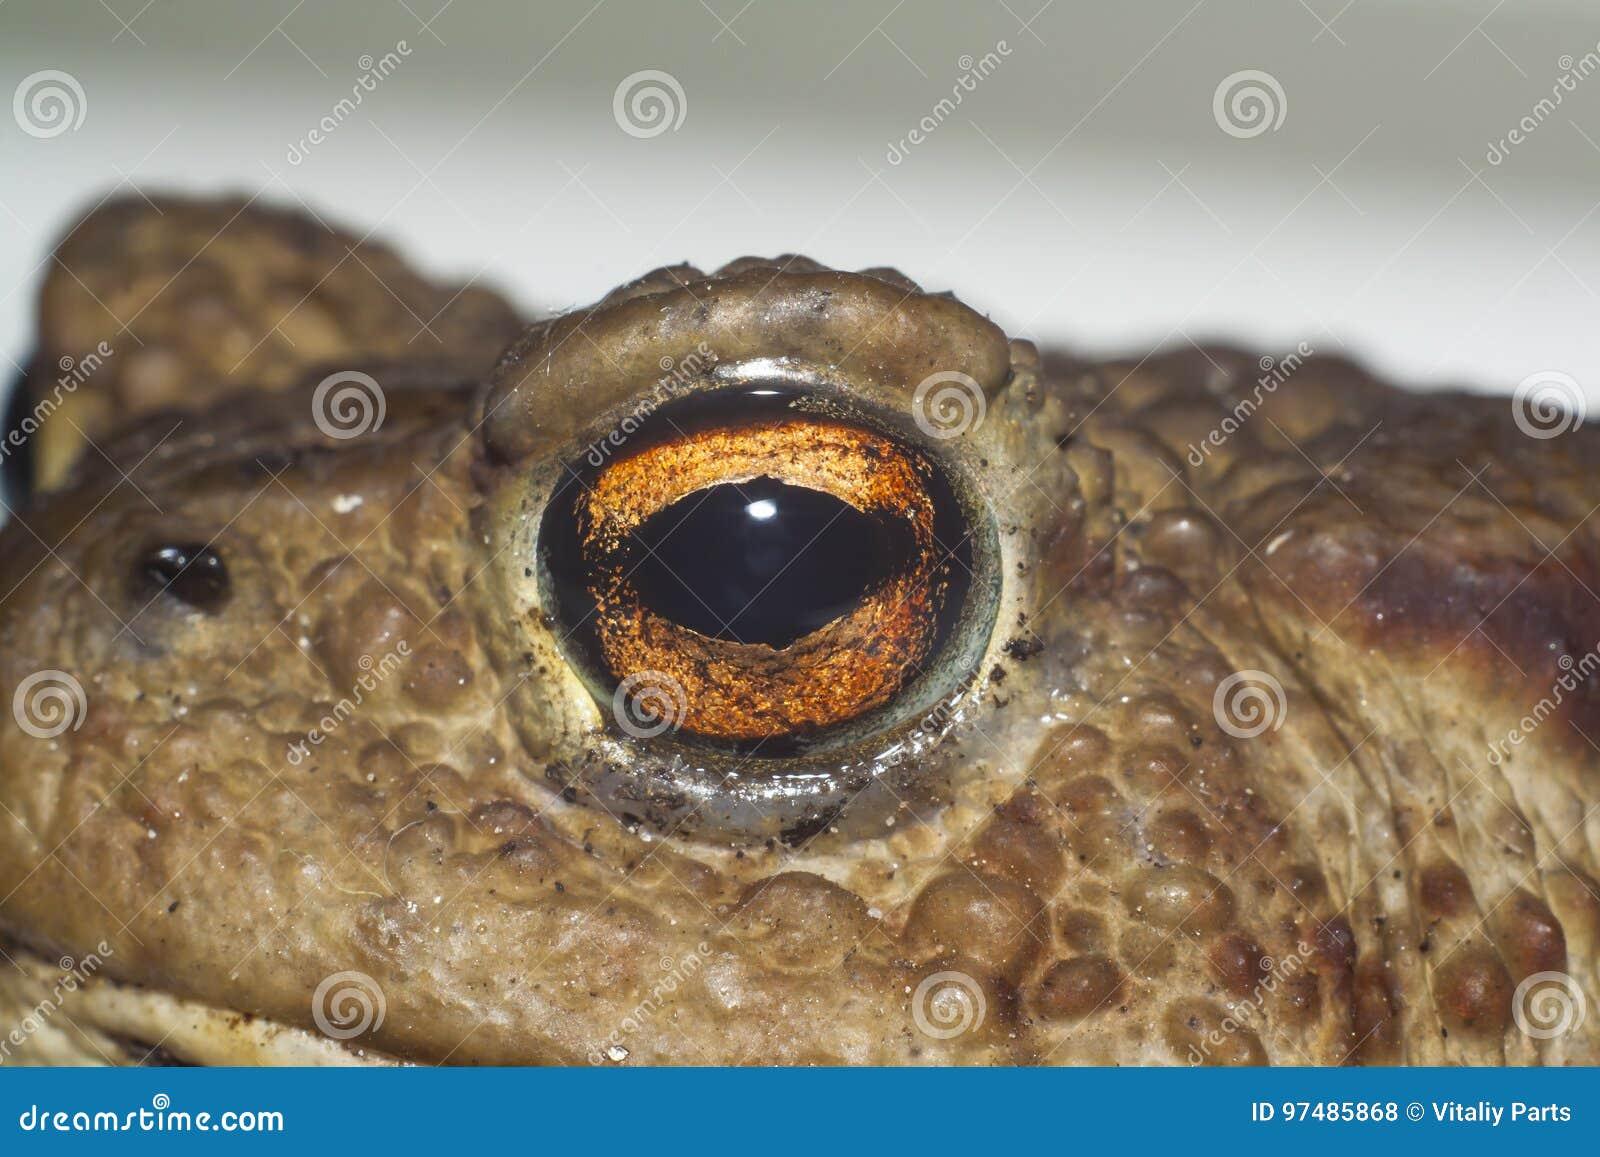 Occhio del rospo a terra